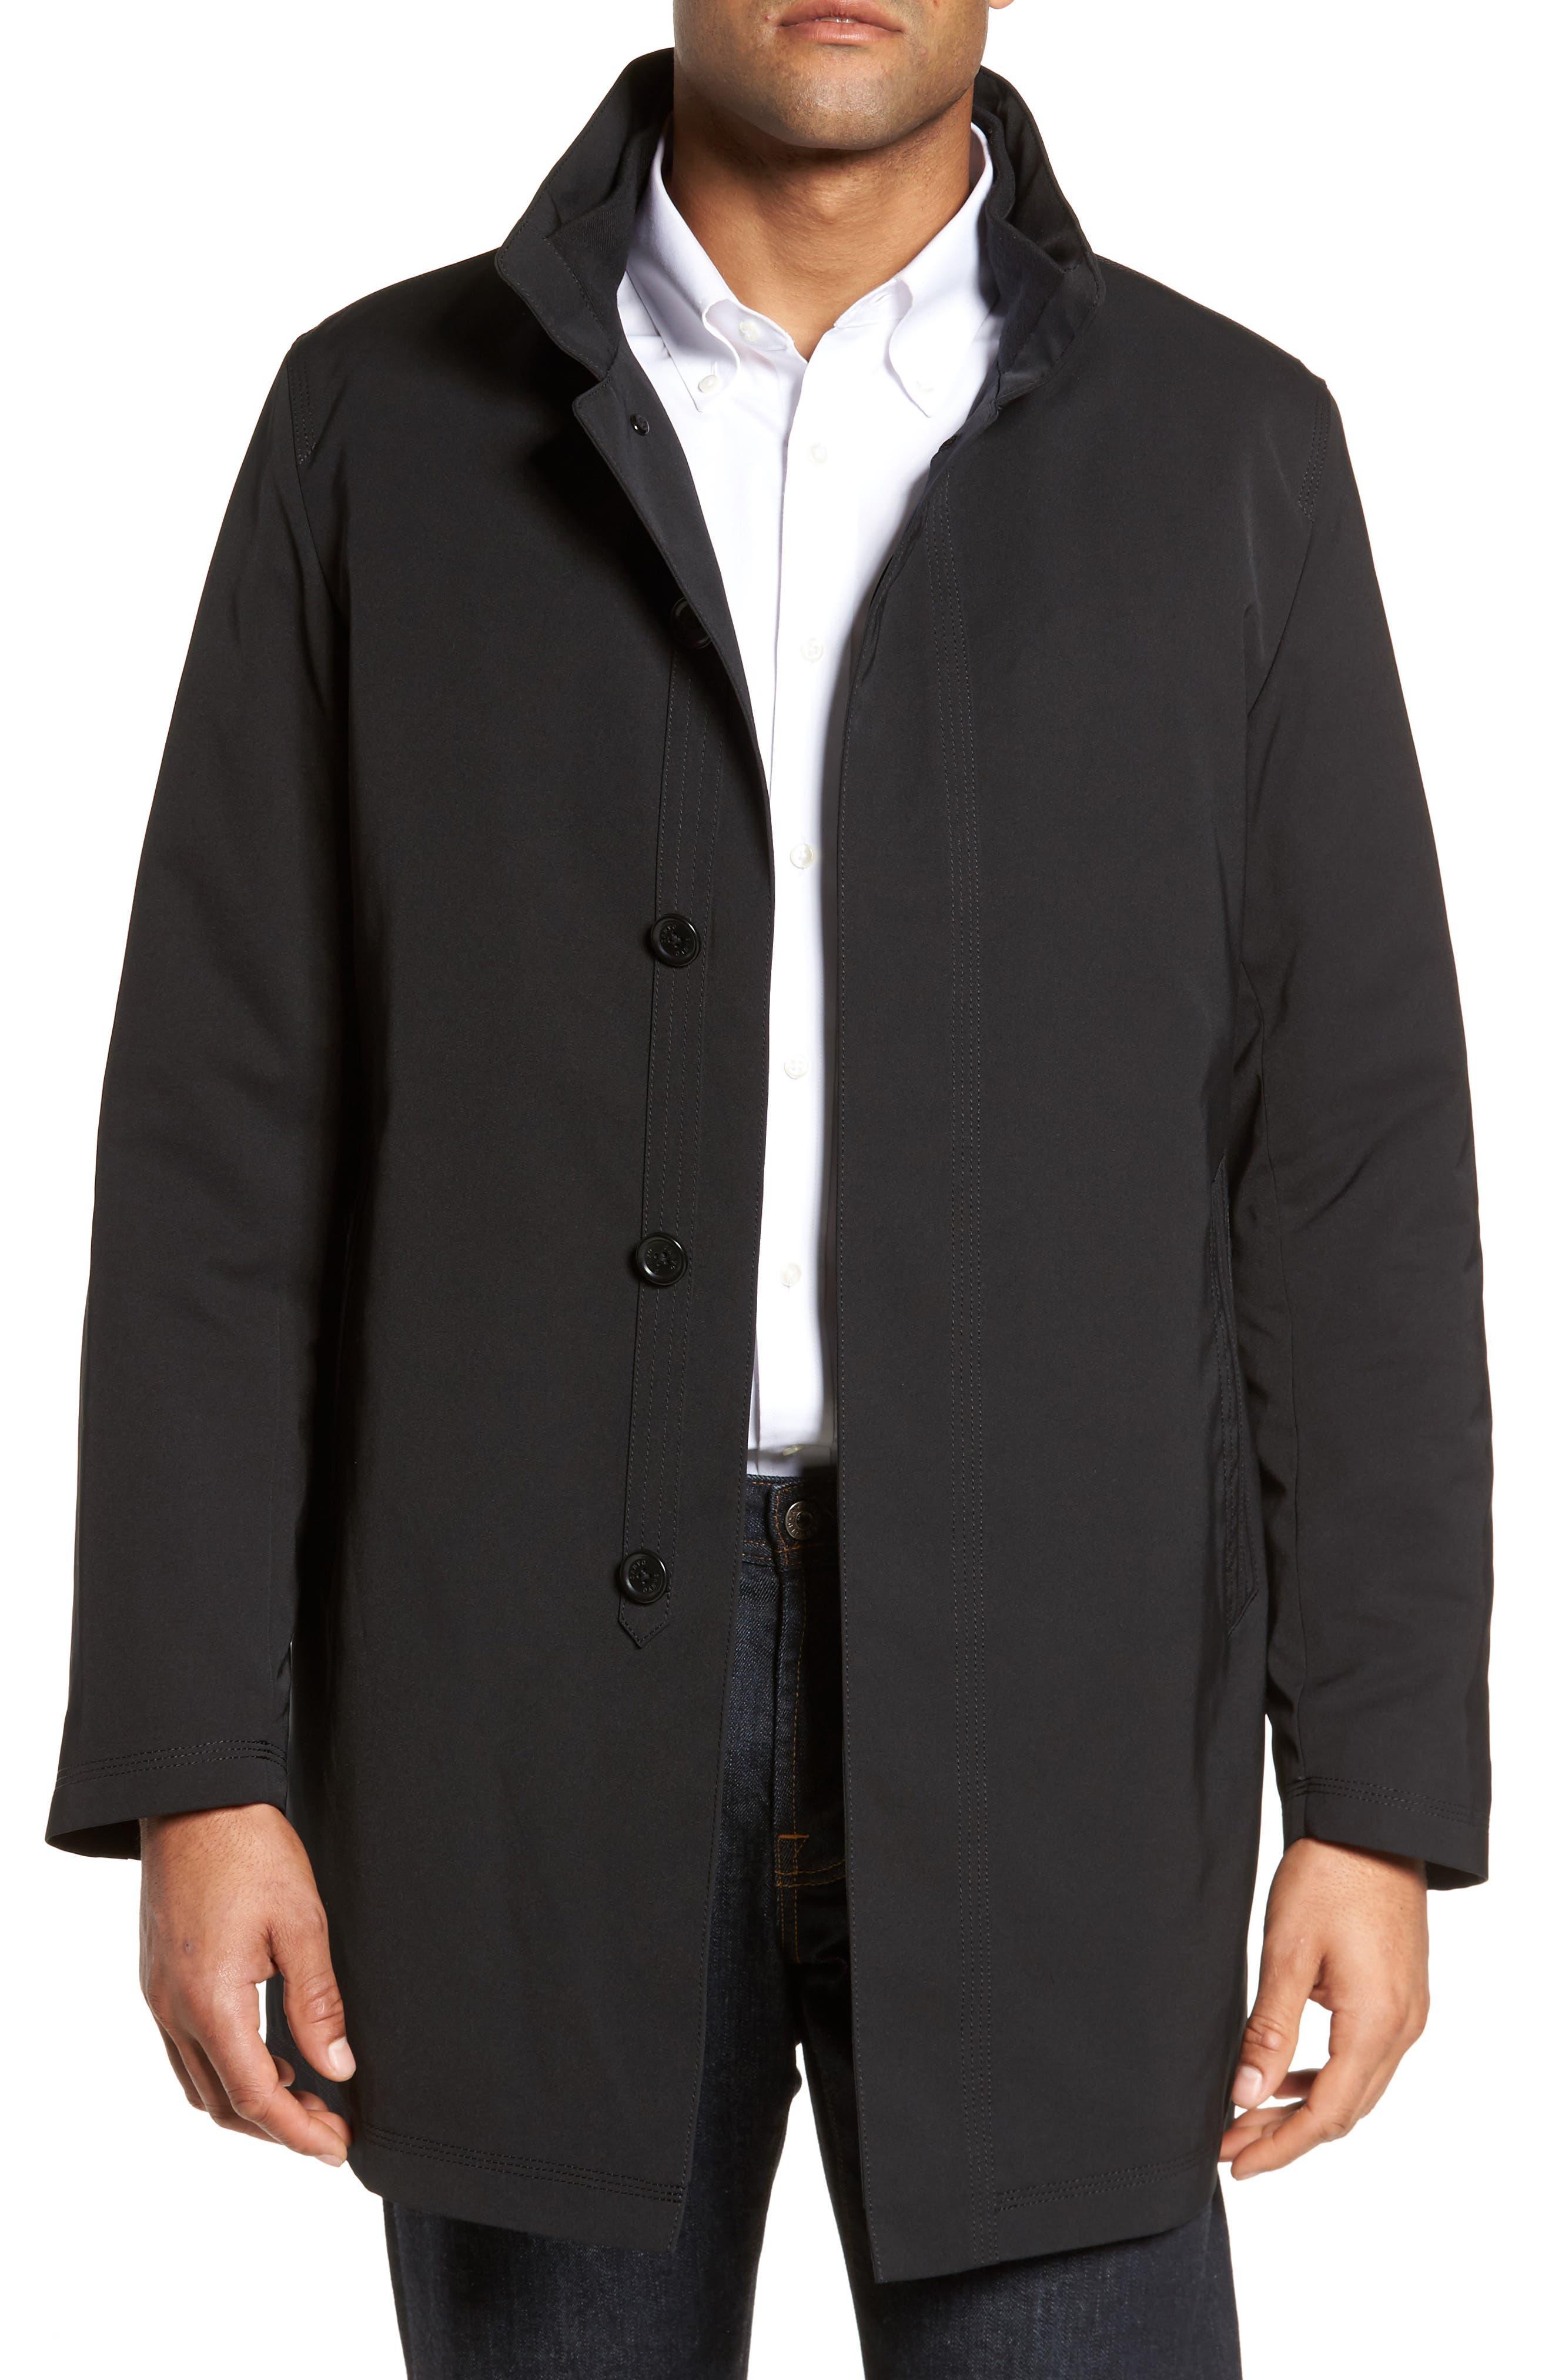 Peter Rain Coat,                         Main,                         color,